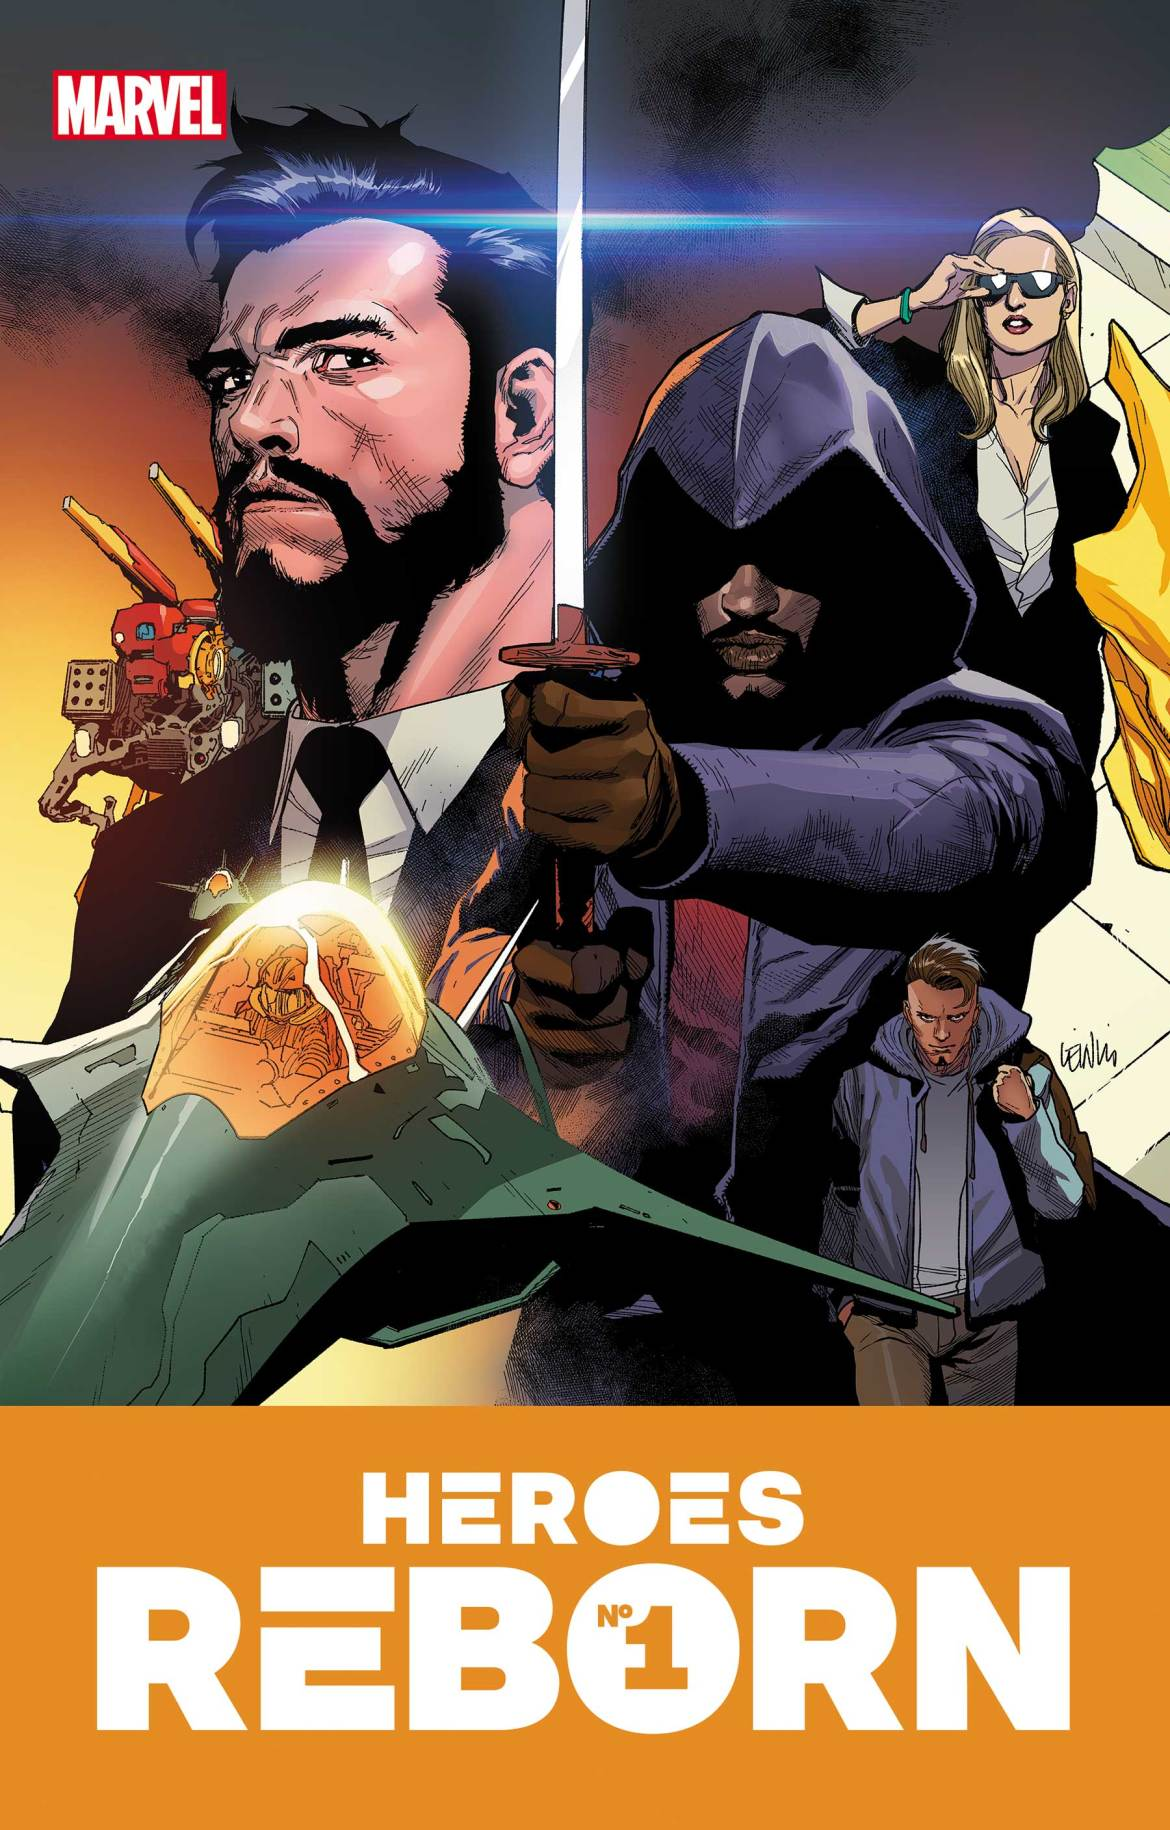 HEROESREBORN2021001 Marvel Comics May 2021 Solicitations